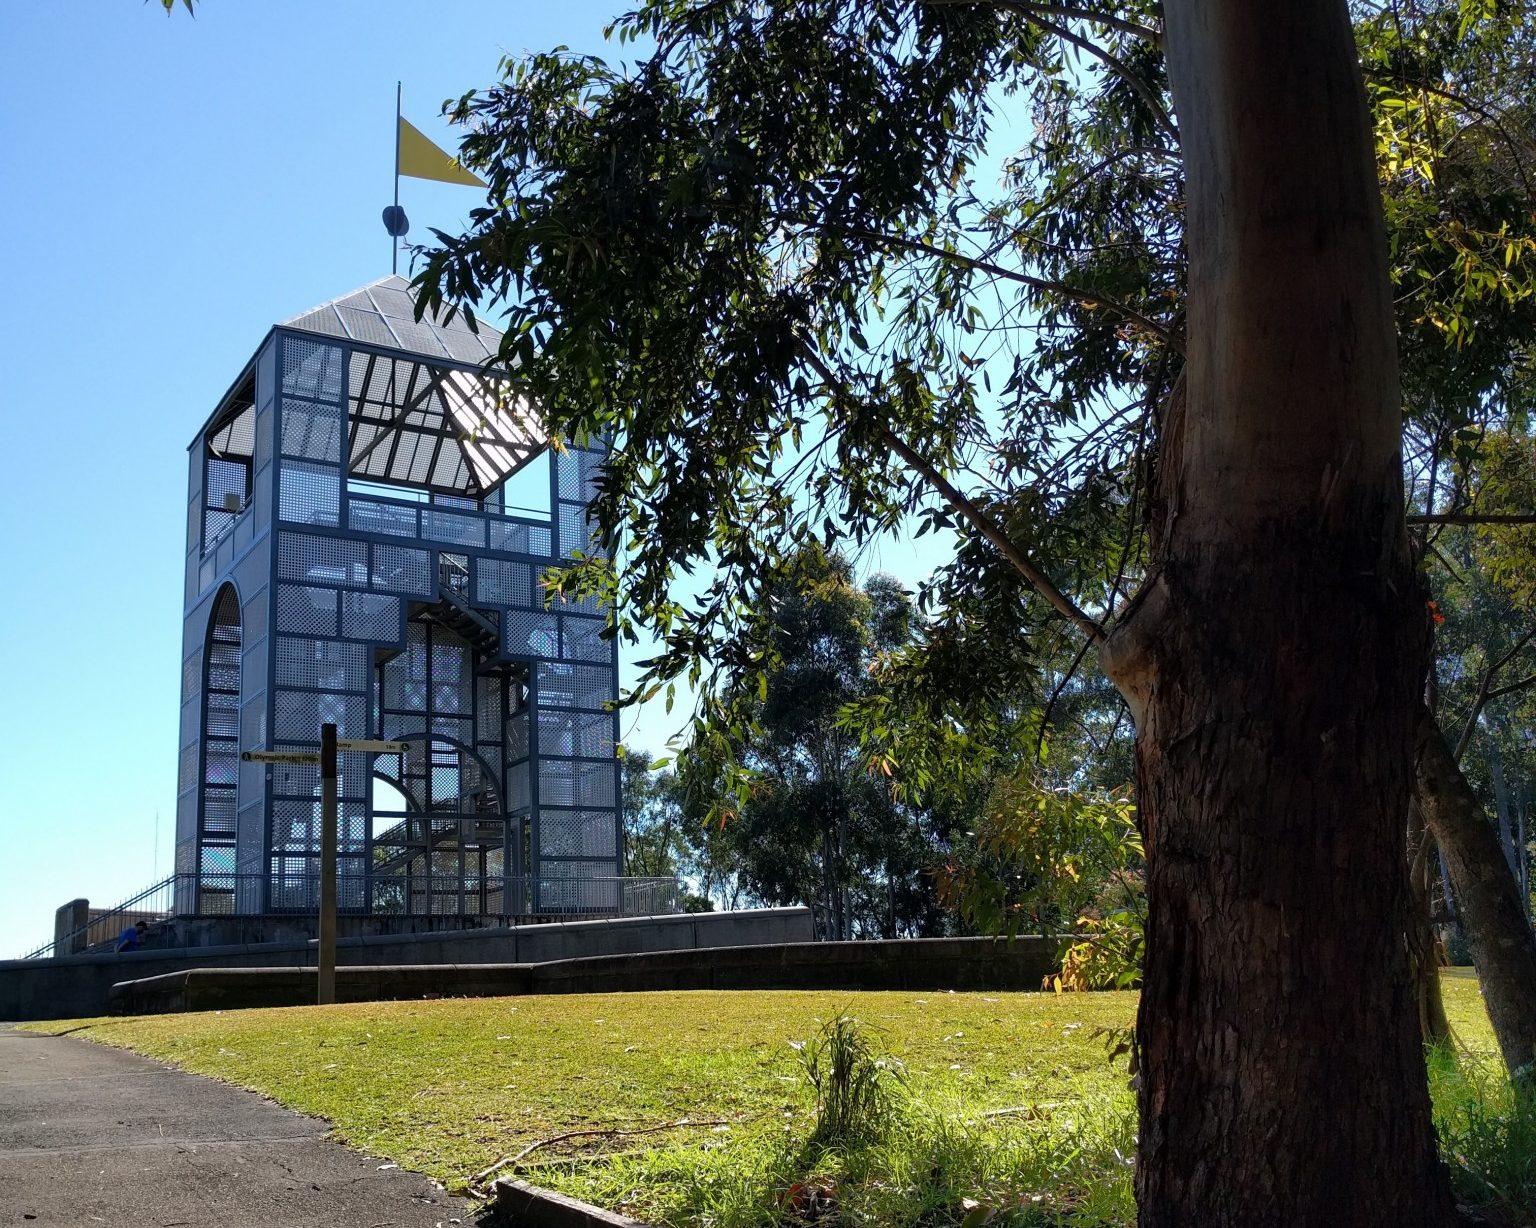 Bicentennial Park: Treillage Tower